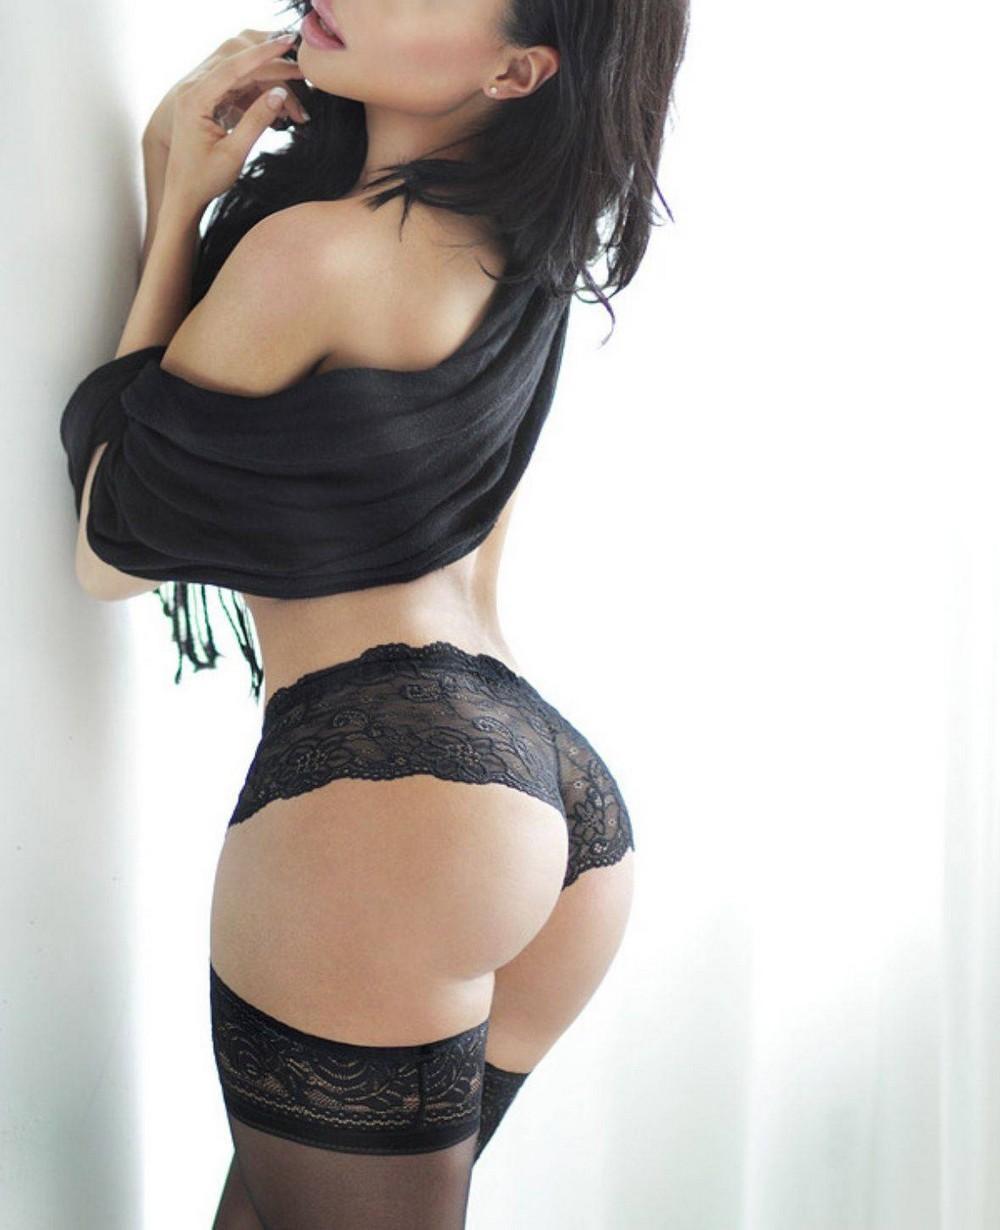 Девушки в сексуальном нижнем белье